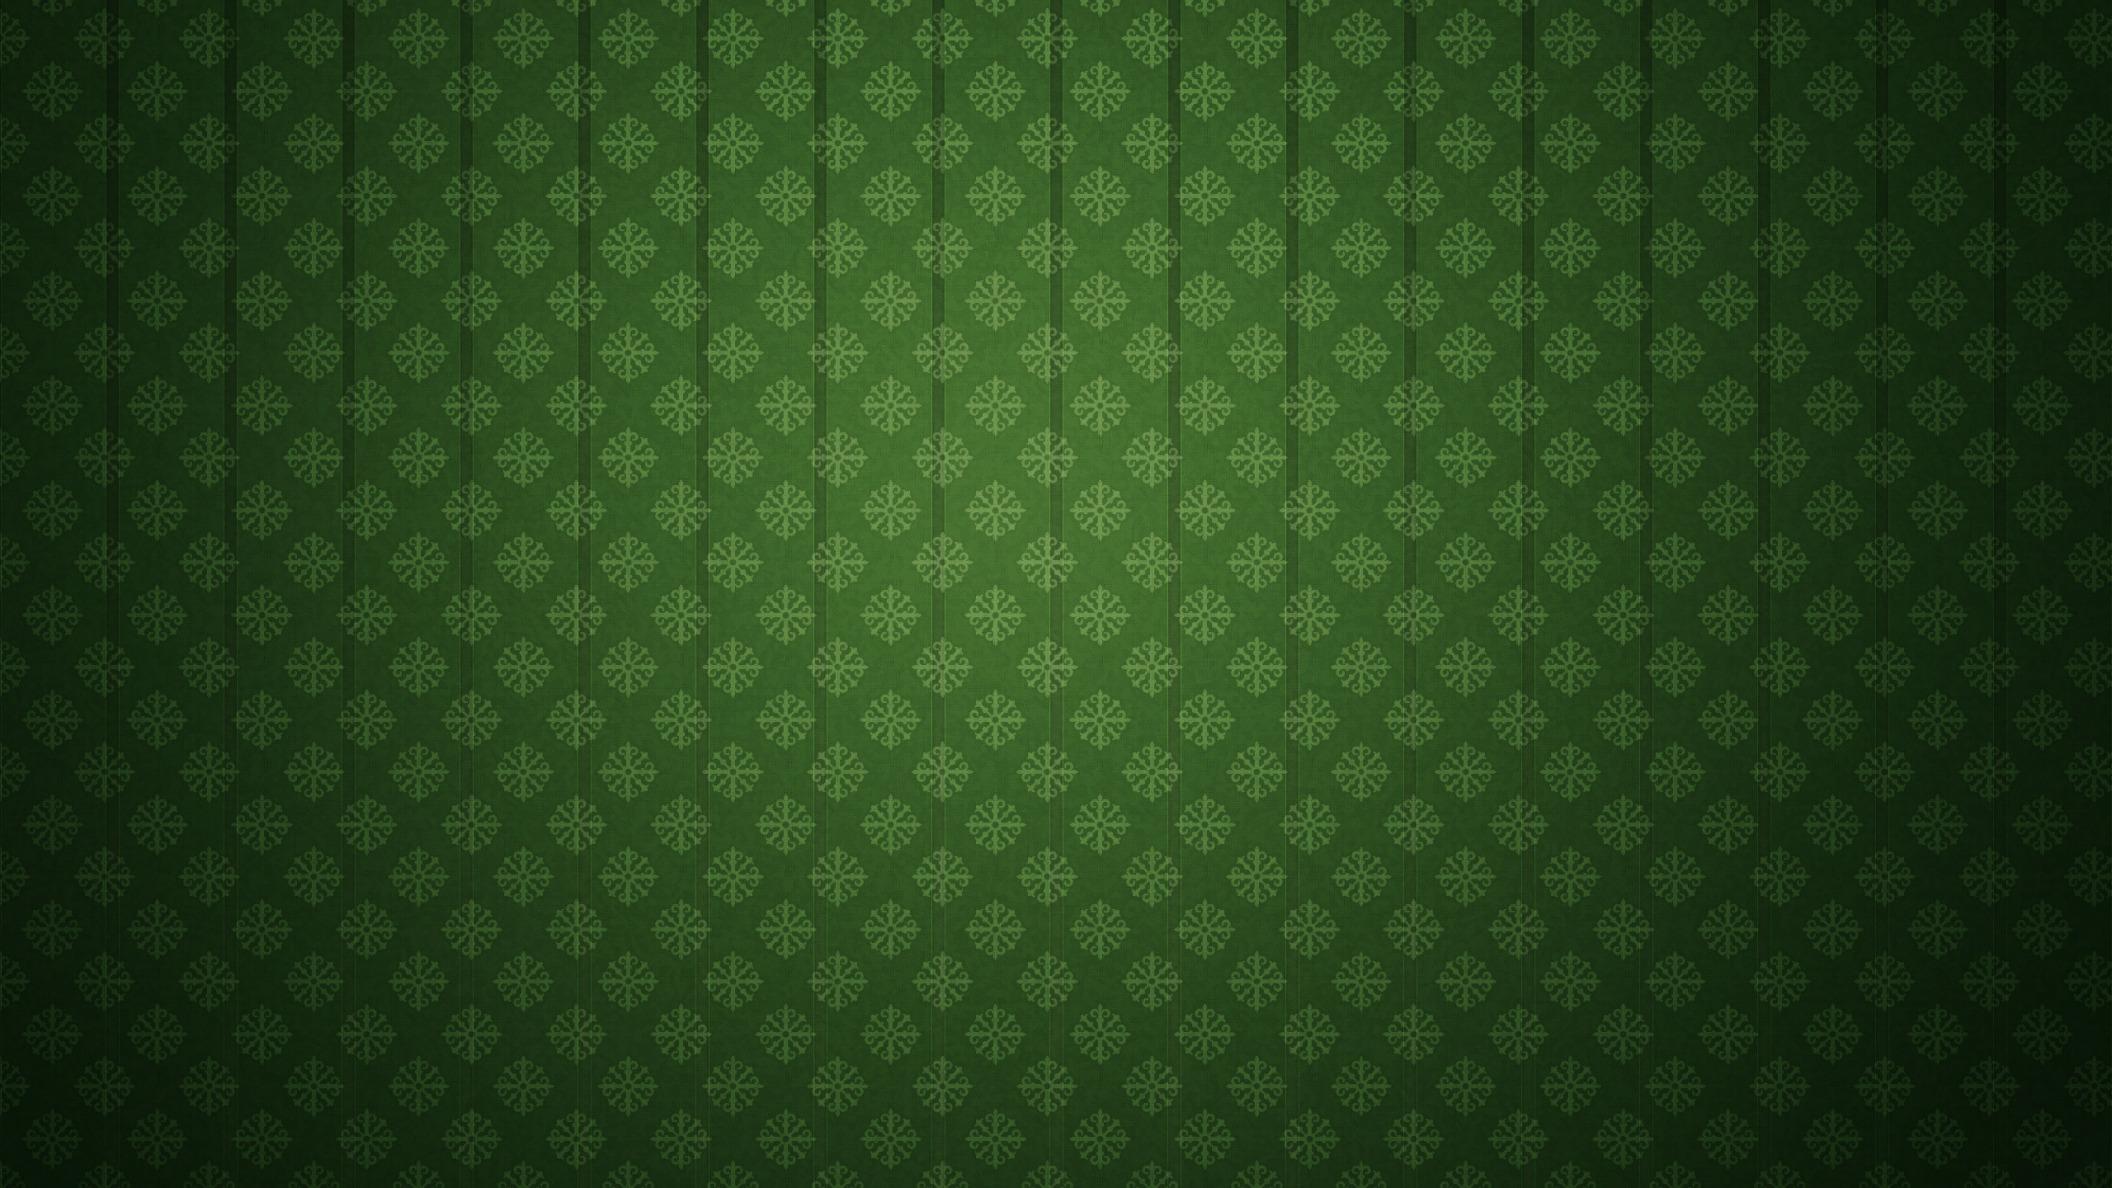 зеленая текстура  № 2753181 загрузить